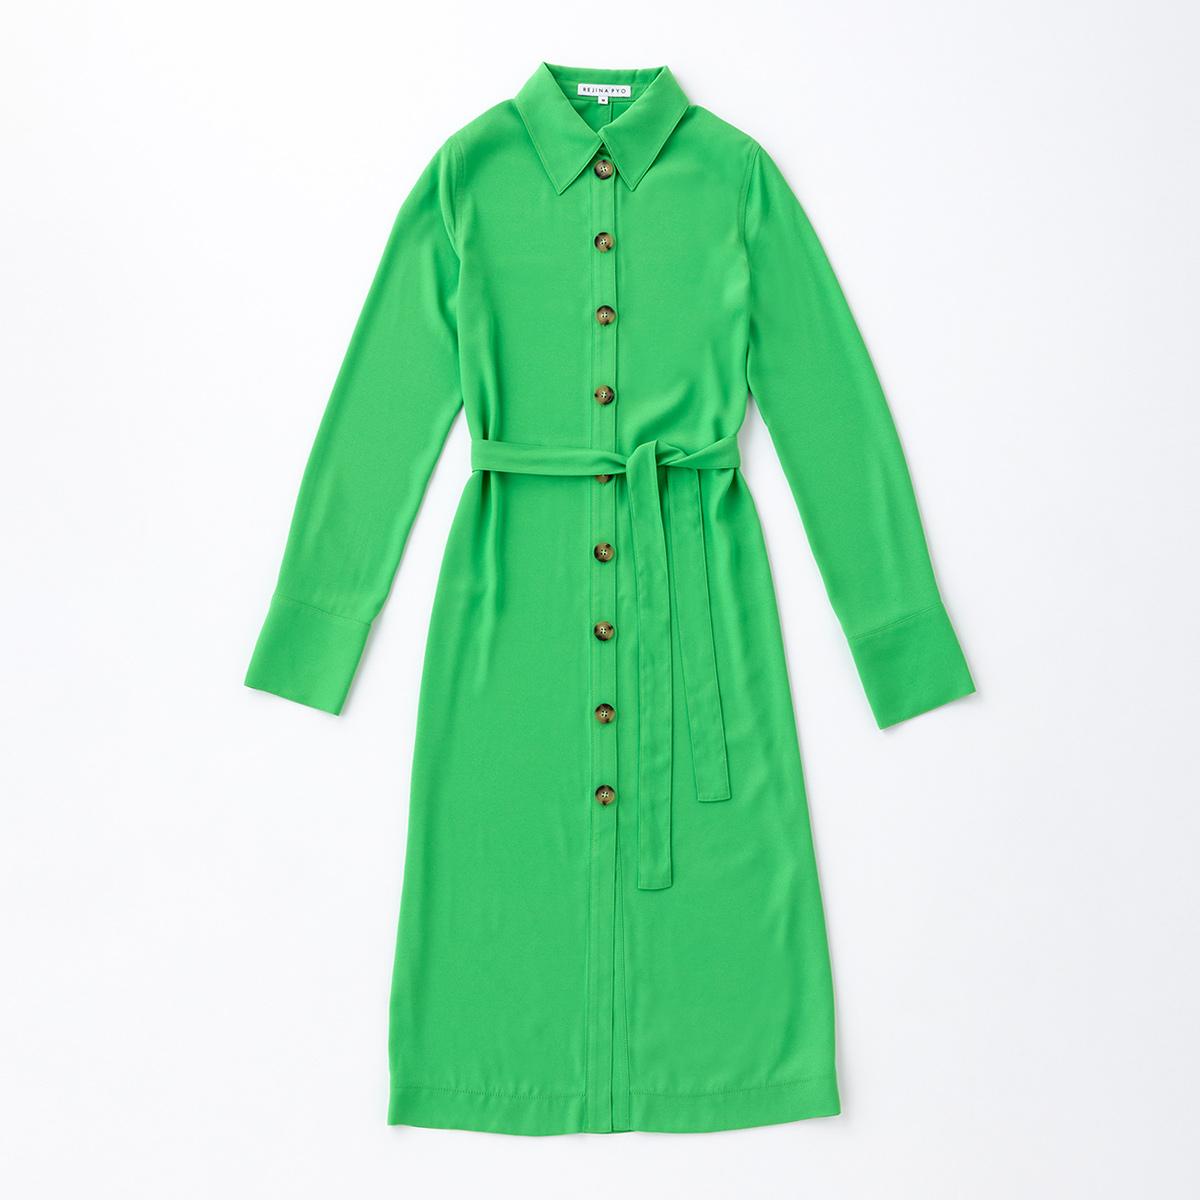 鮮やかなグリーンがスタイリングの主役に【レジーナ ピョウ】